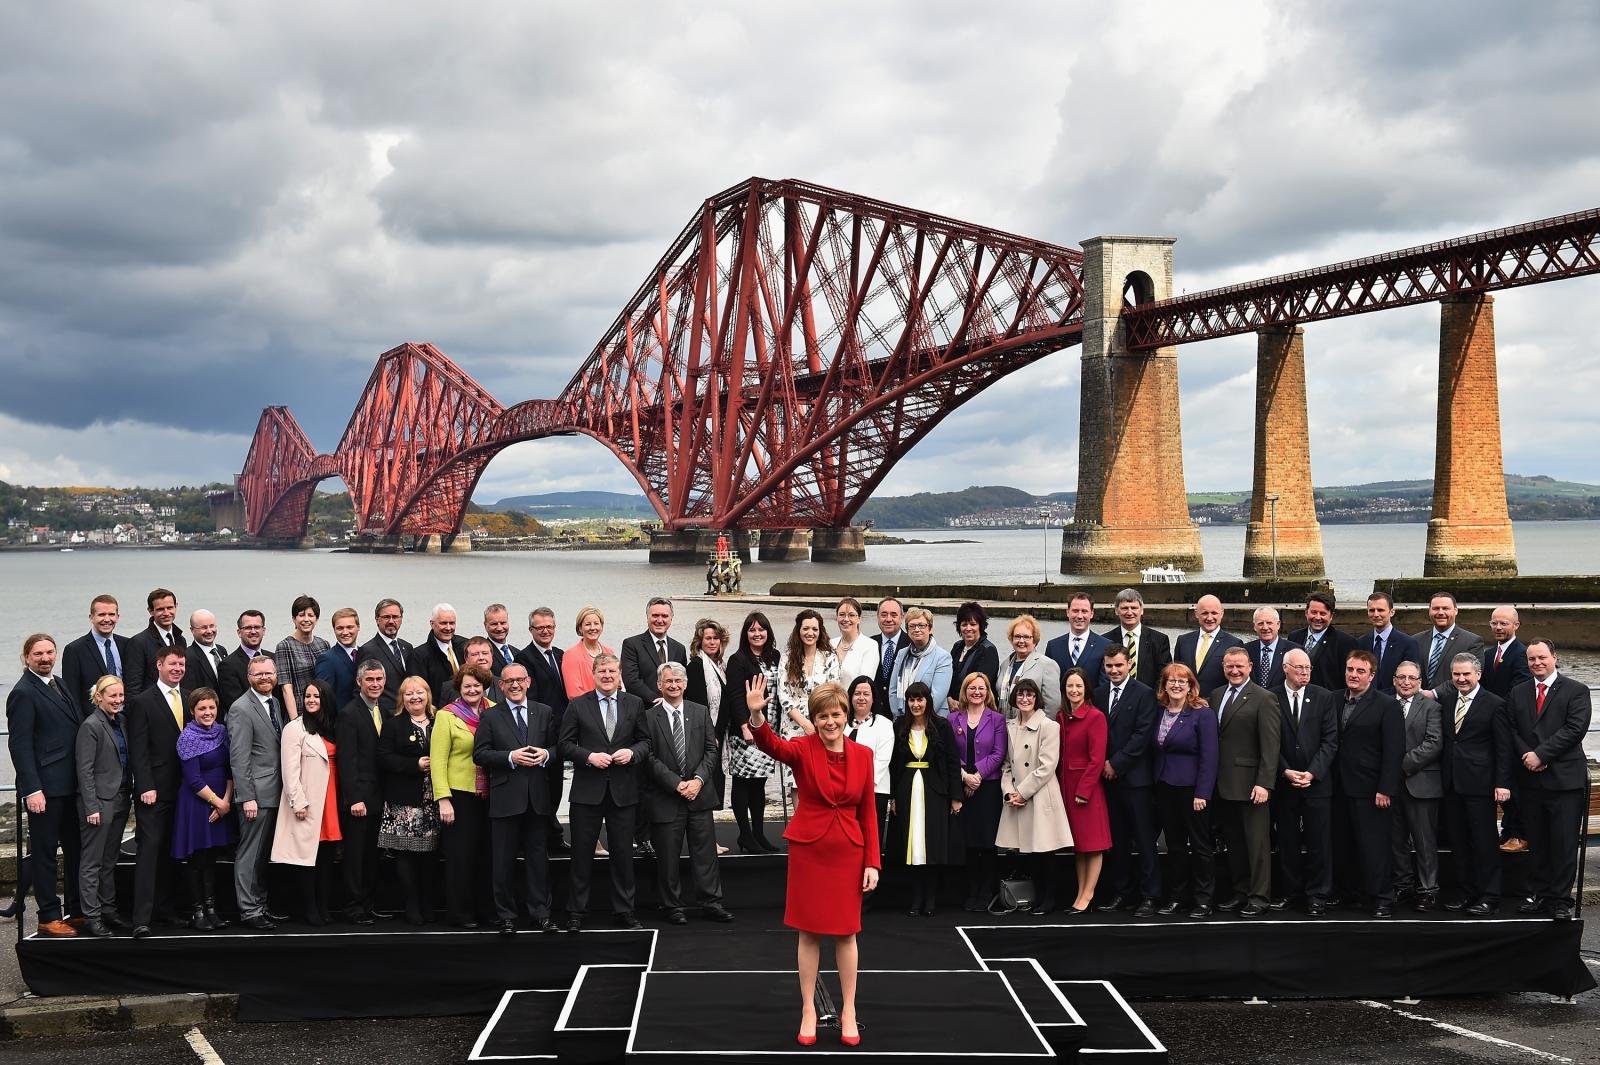 SNP MPs and Nicola Sturgeon